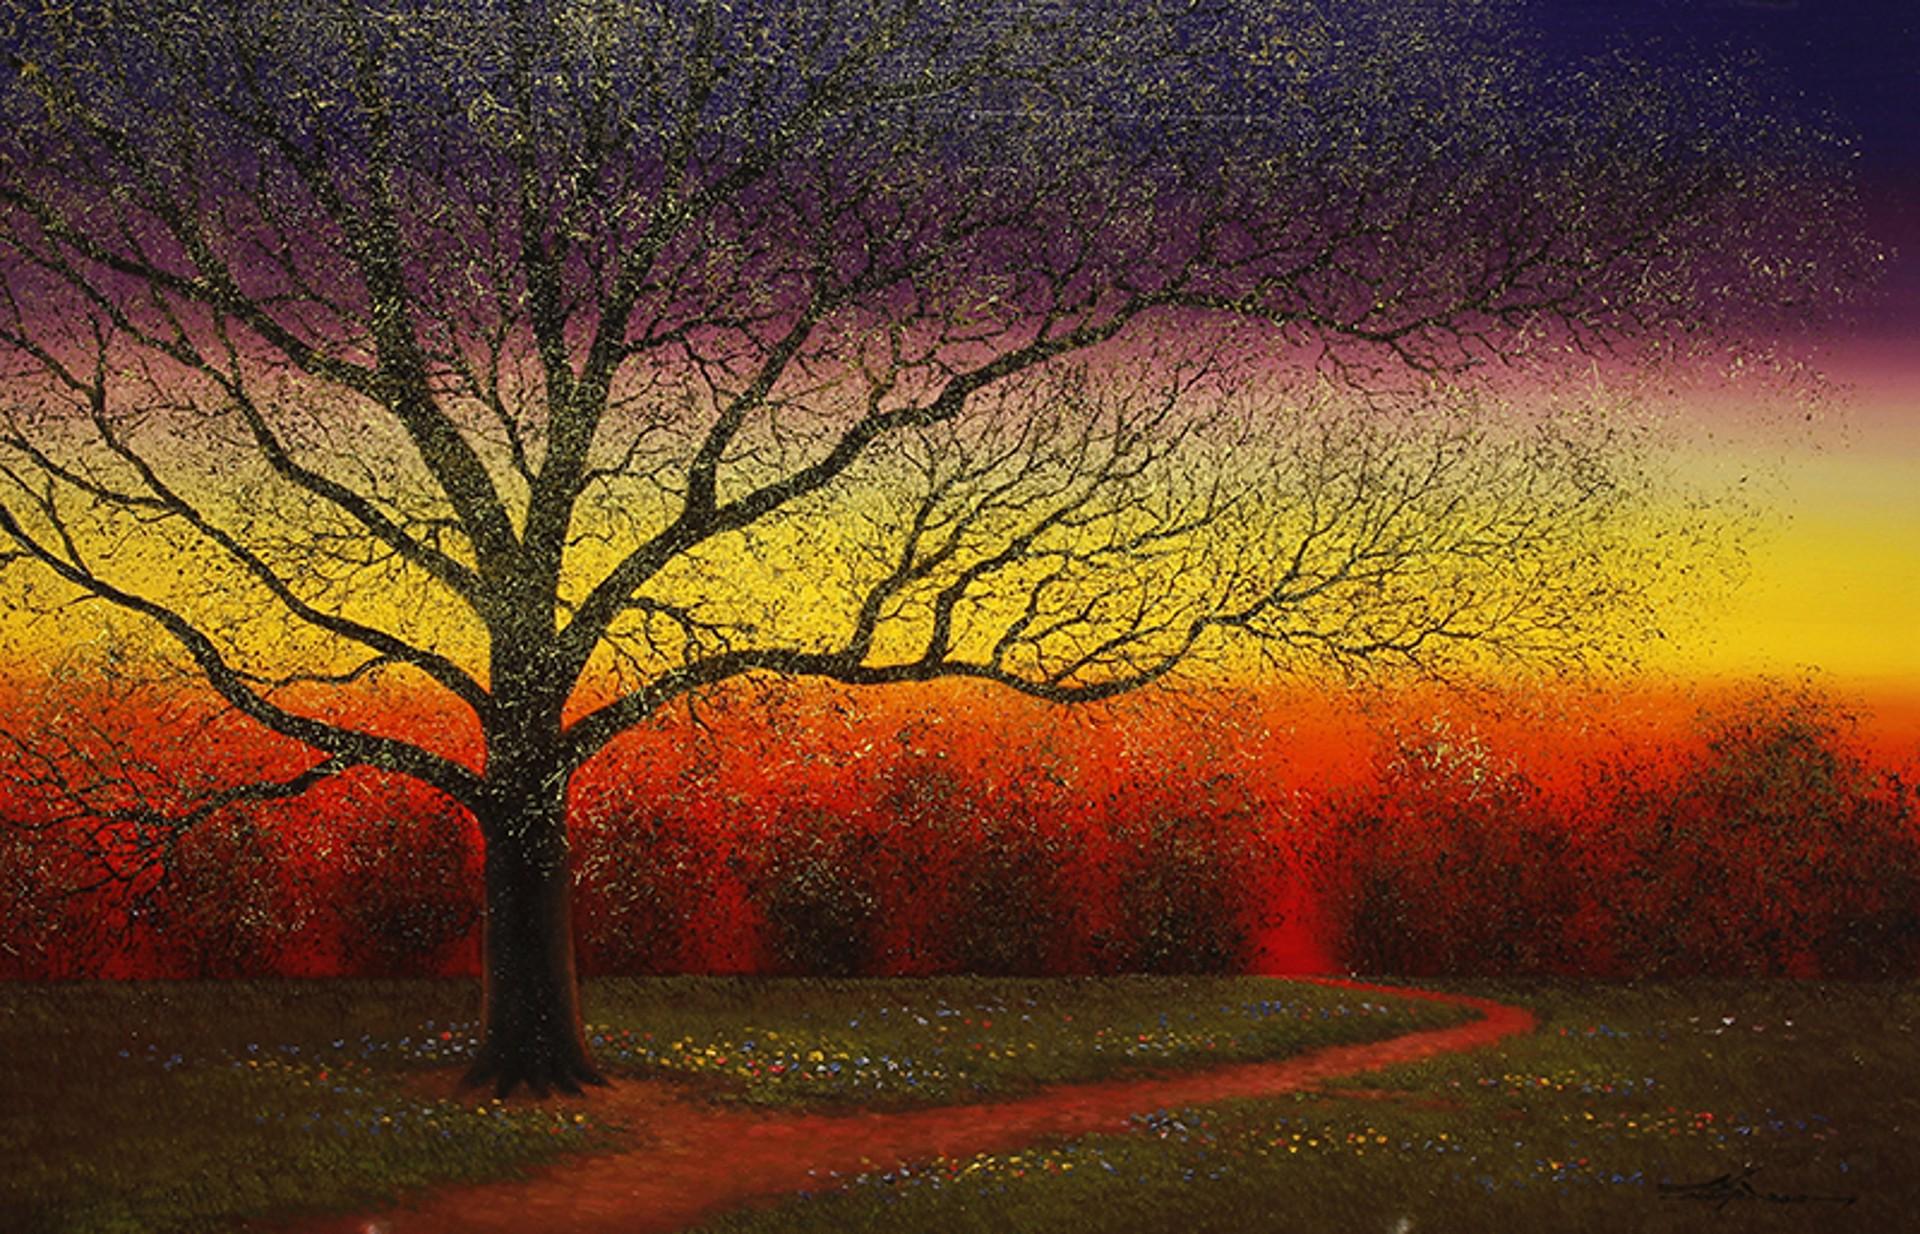 No Ordinary Land by Mario Jung